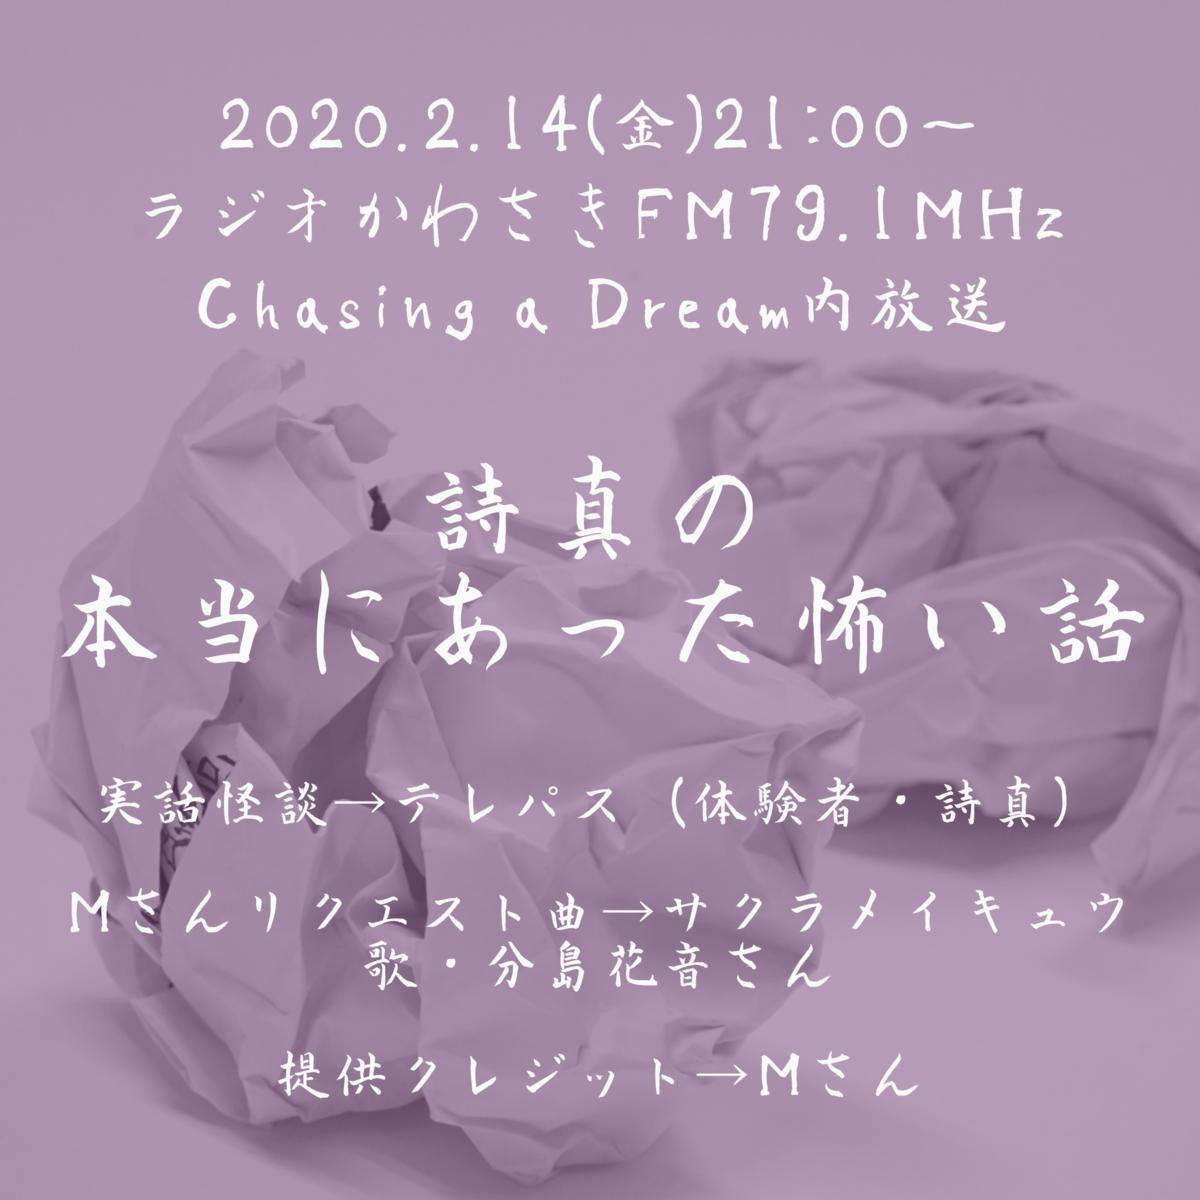 f:id:yukaitekietsu:20200214105915p:plain